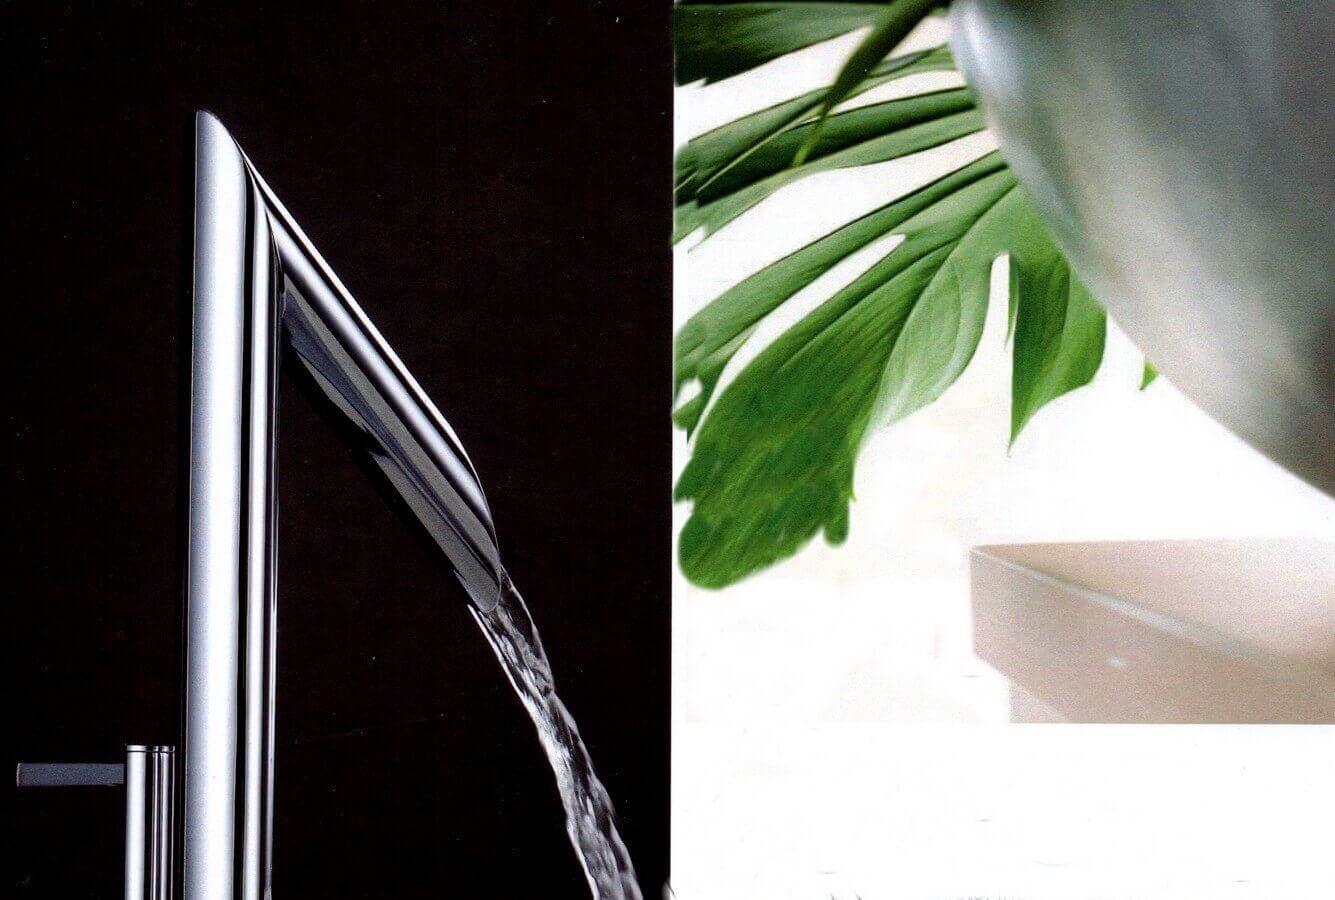 robinet mitigeur lavabo design chrome zen Résultat Supérieur 17 Inspirant Robinetterie Design Photographie 2018 Kdh6